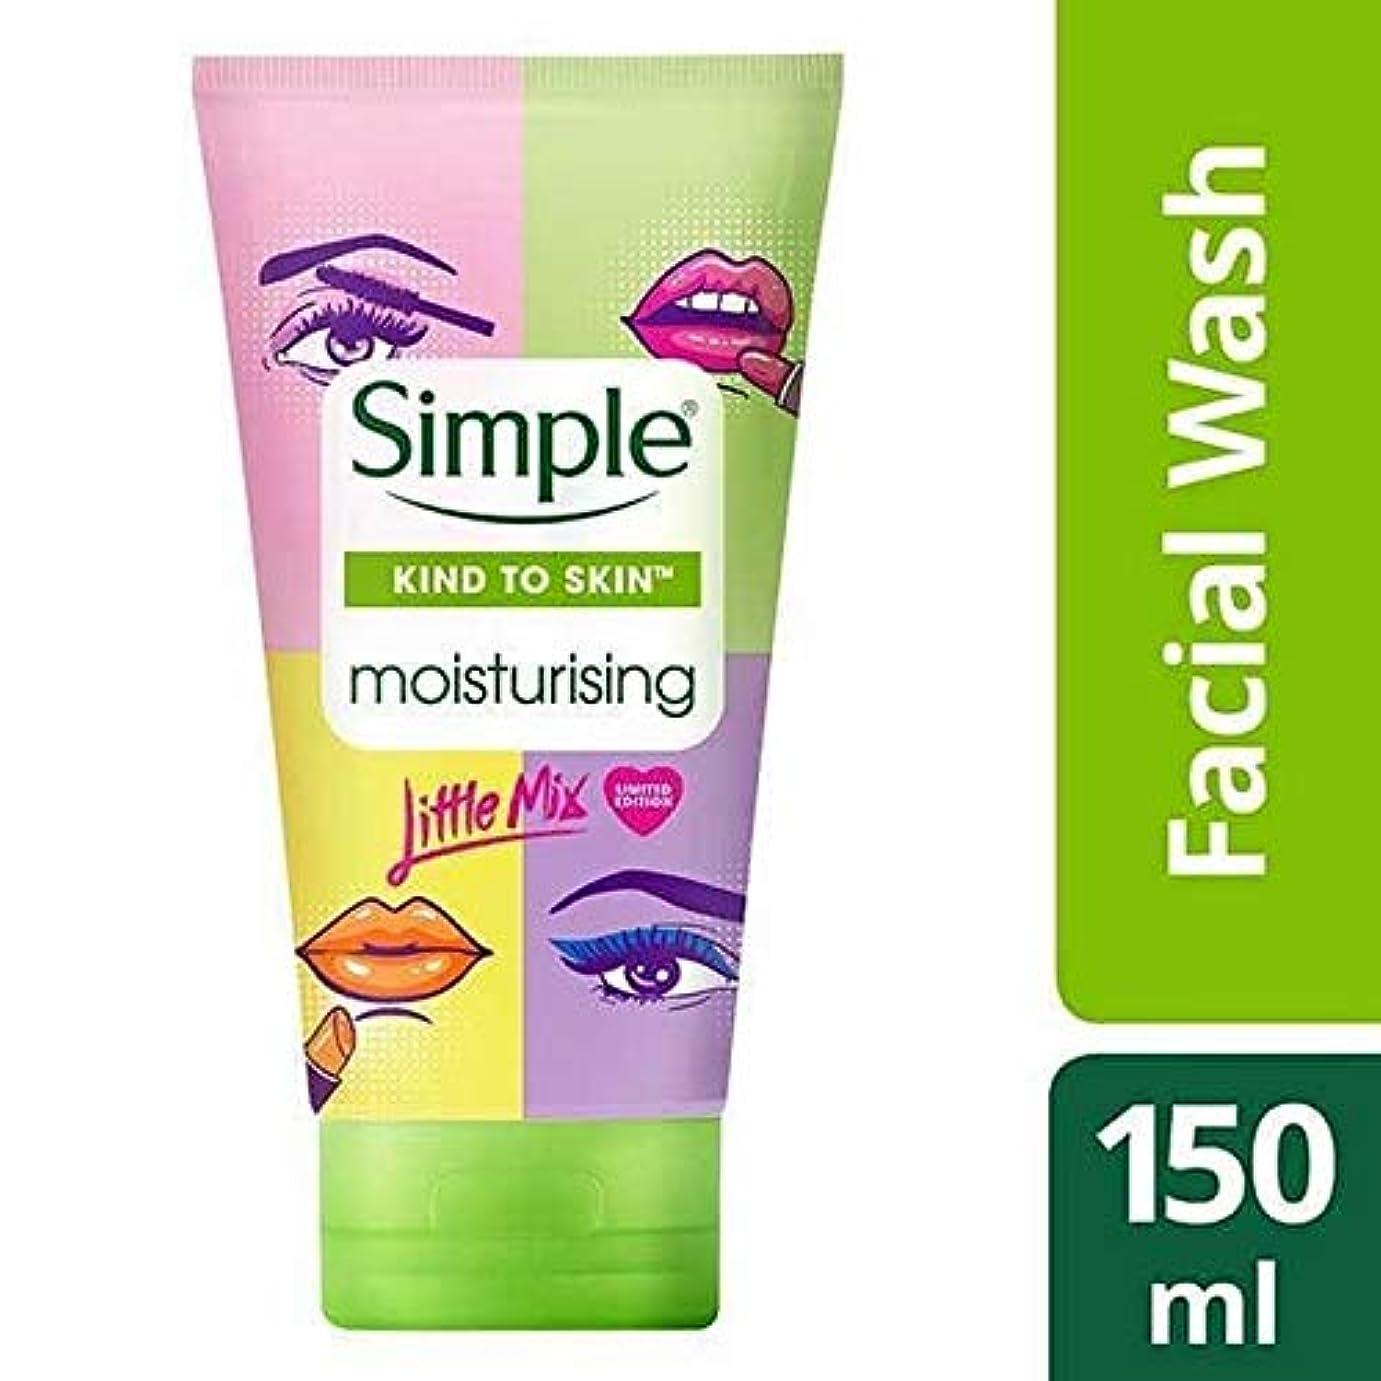 起きて加速度歩行者[Simple ] 単純X少しミックス保湿洗顔150ミリリットル - Simple x Little Mix Moisturising Facial Wash 150ml [並行輸入品]